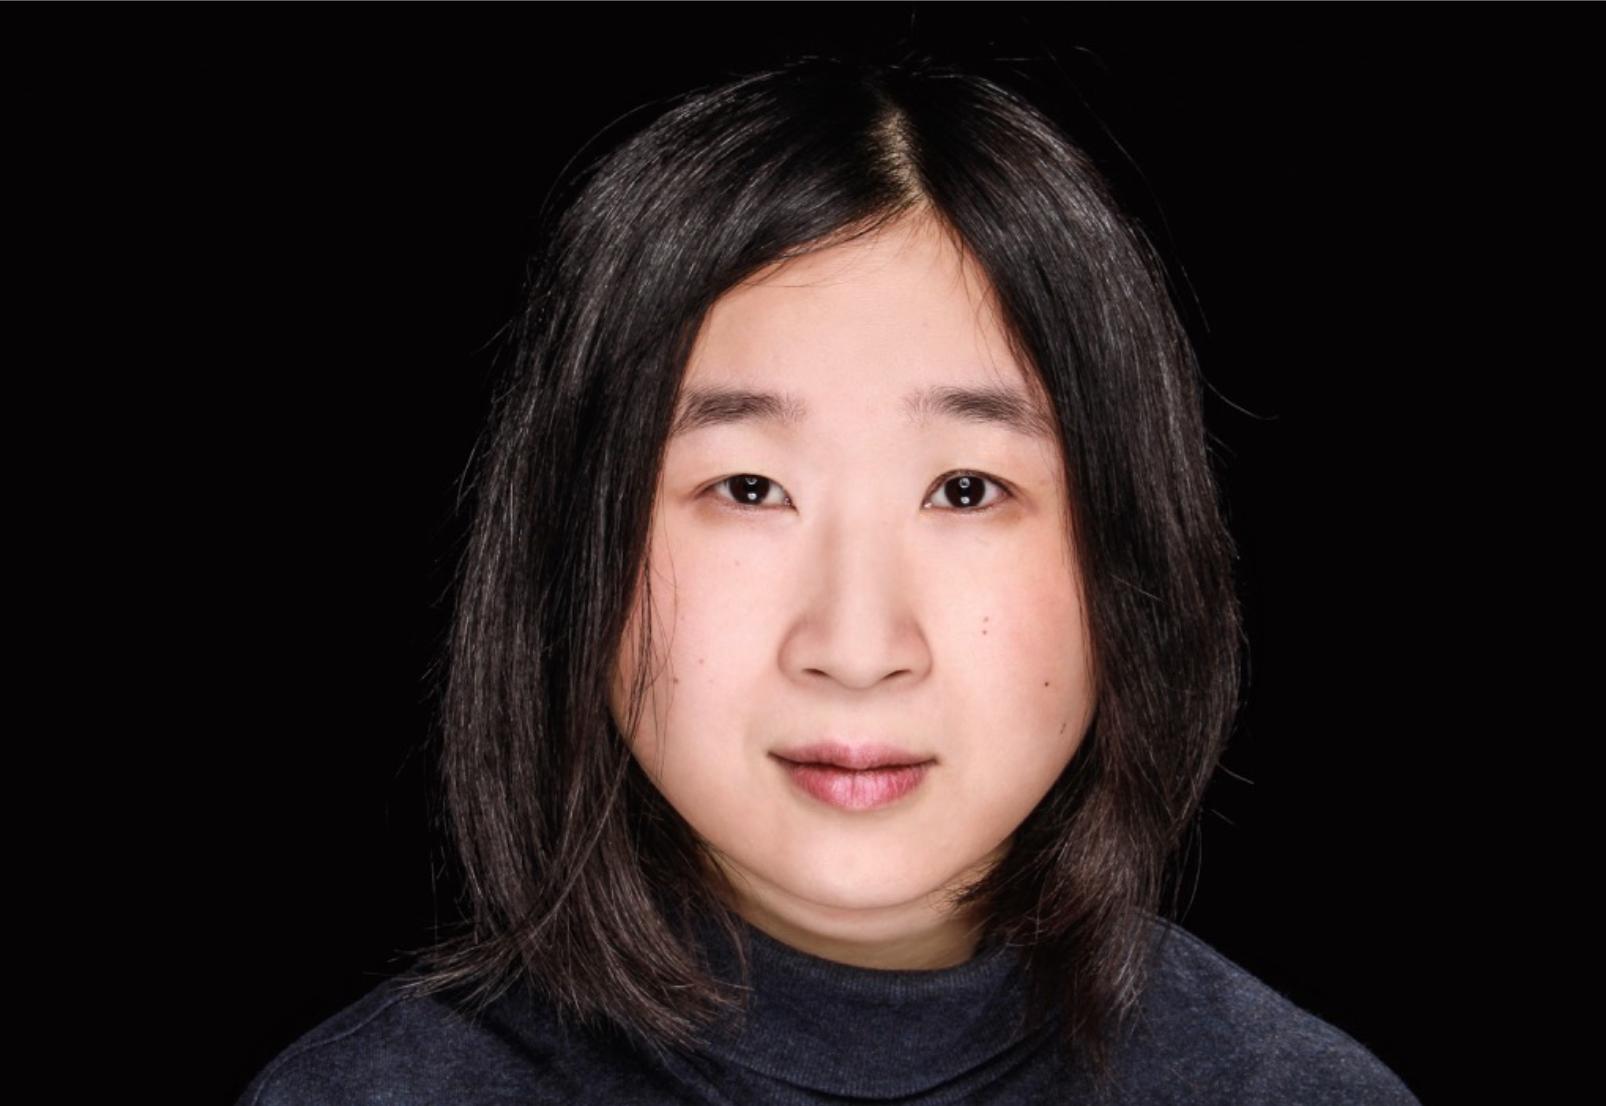 Yiqing Cai